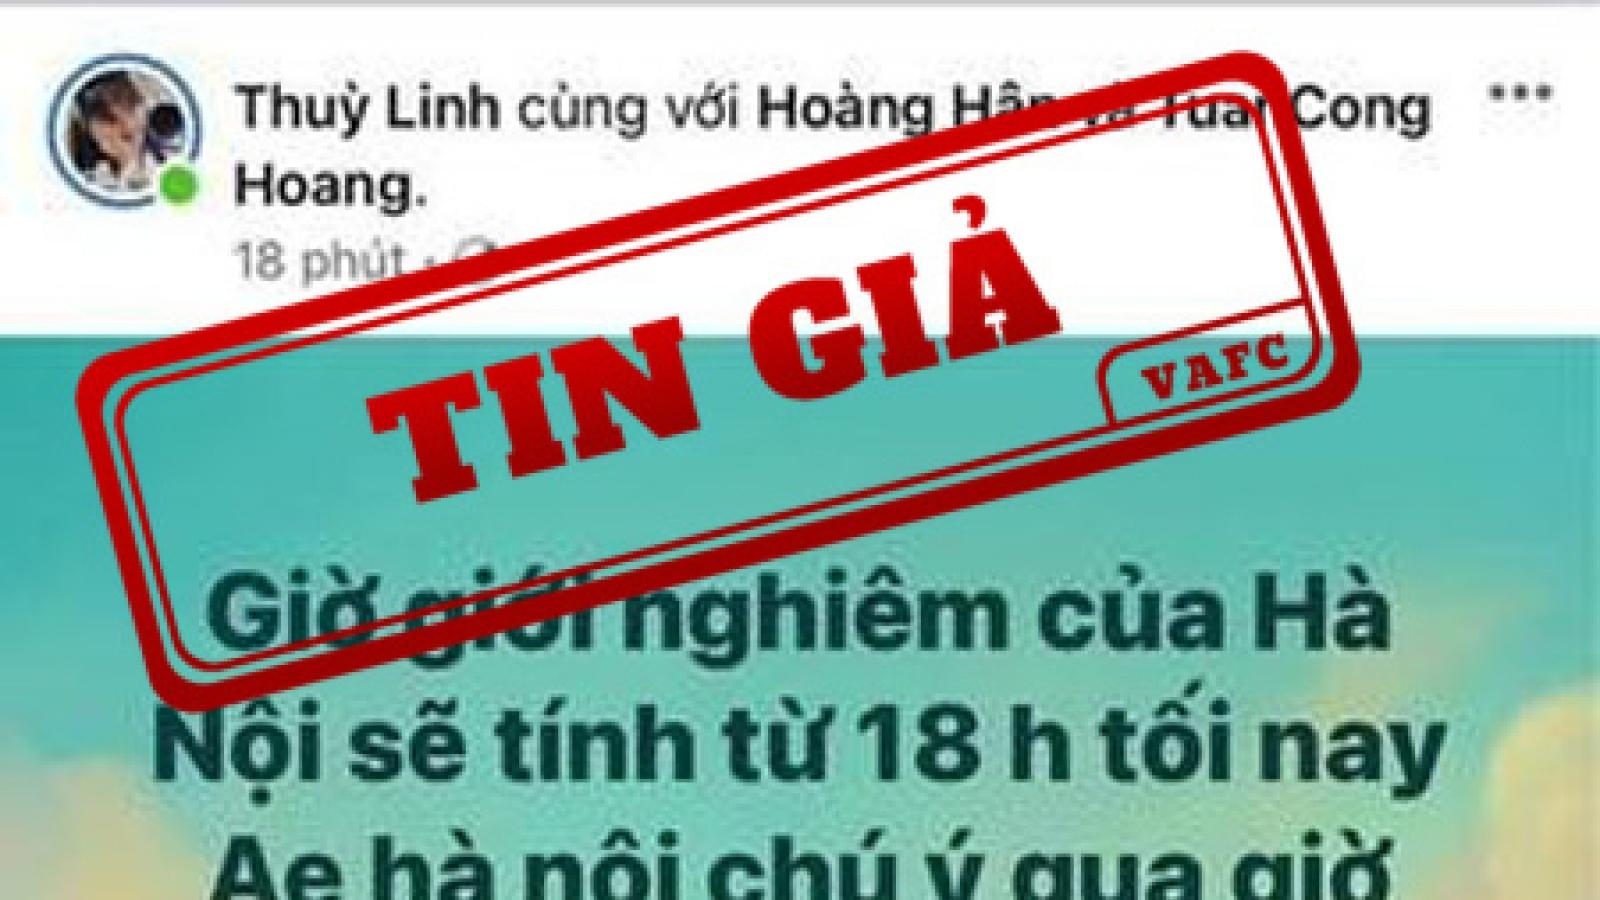 Thông tin giới nghiêm thành phố Hà Nội là tin giả